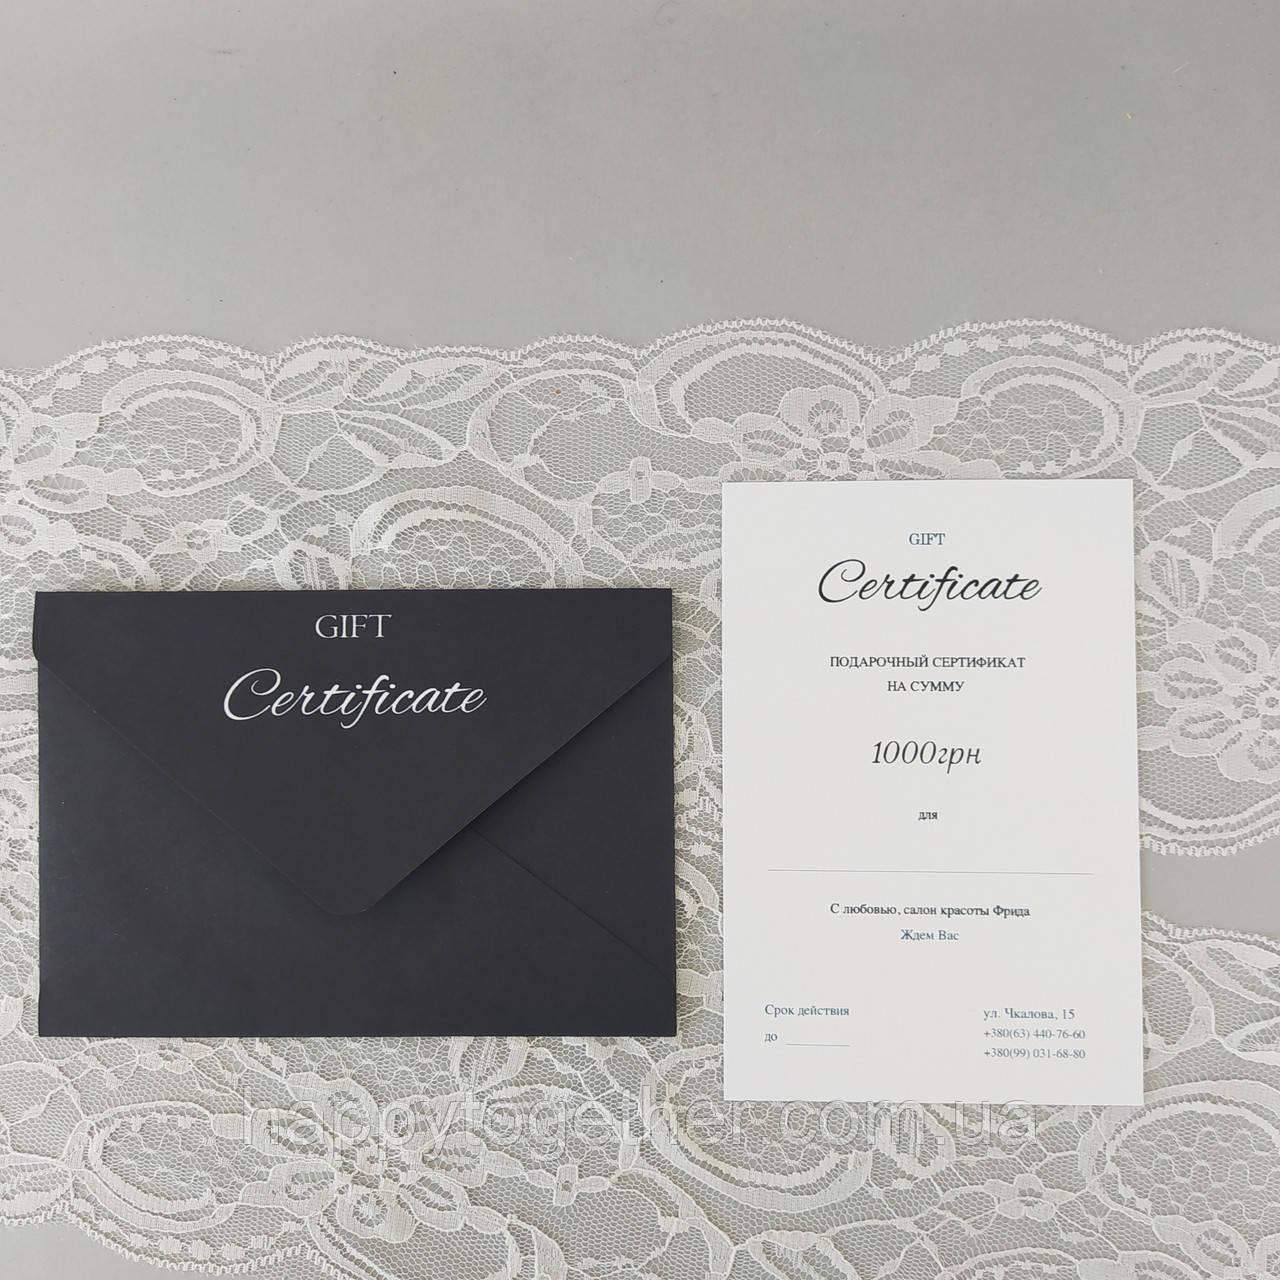 Подарунковий сертифікат ручної роботи в конверті